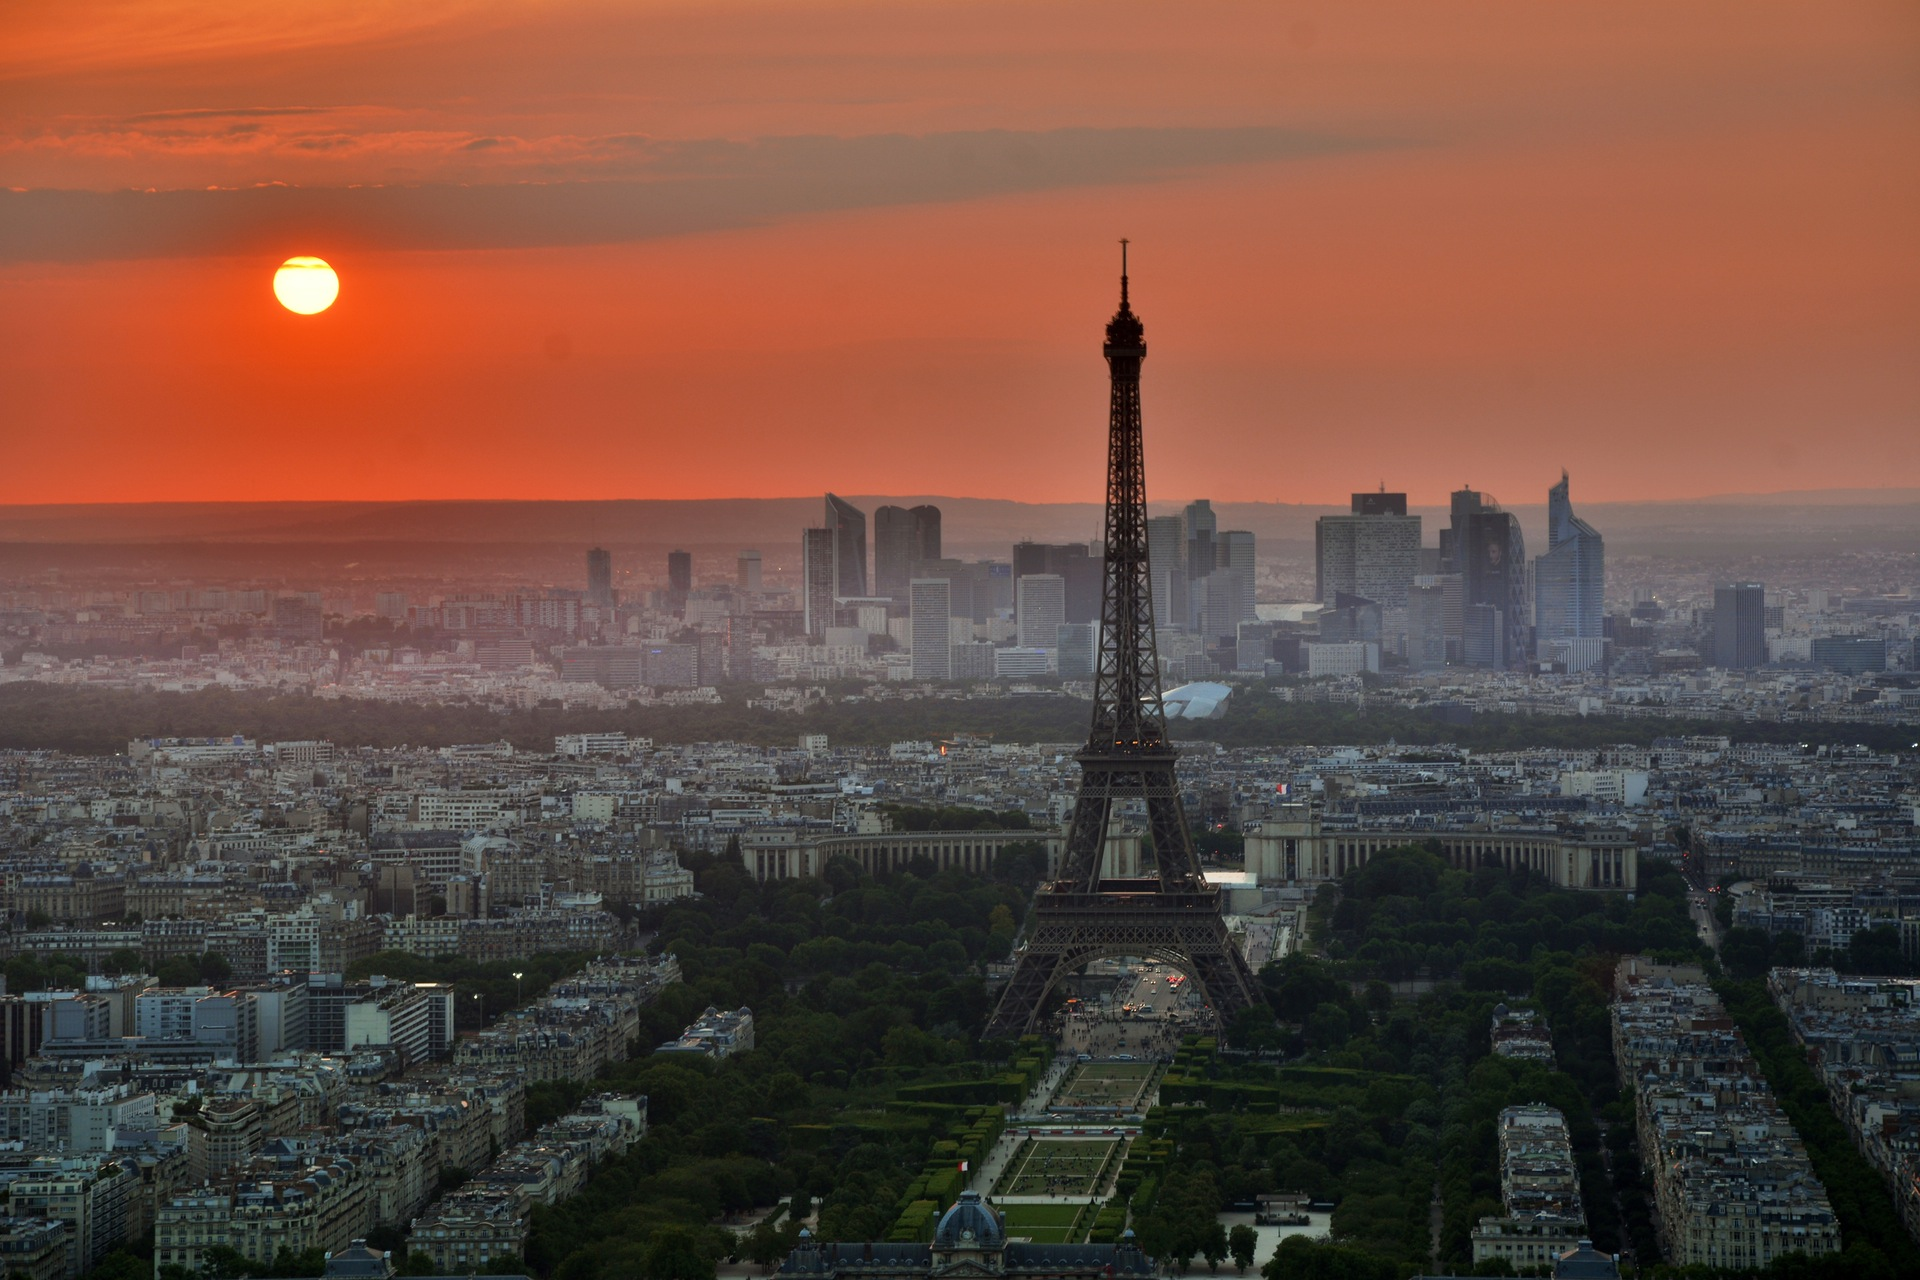 Paris, Torre Eiffel, Sol, Cidade, França - Papéis de parede HD - Professor-falken.com